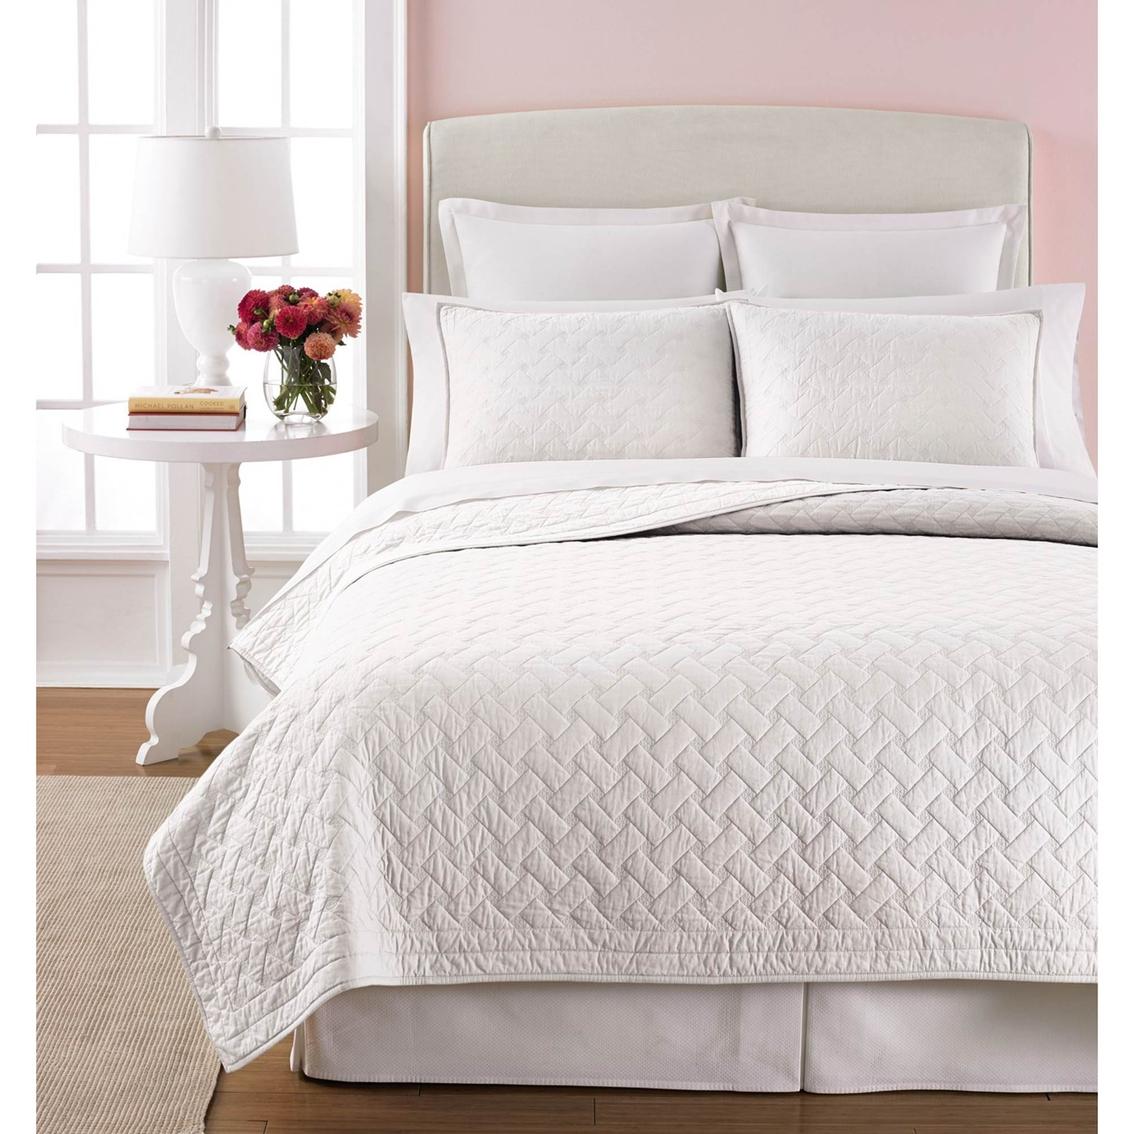 Martha Stewart Collection Basket Stitch Quilt Bedspreads